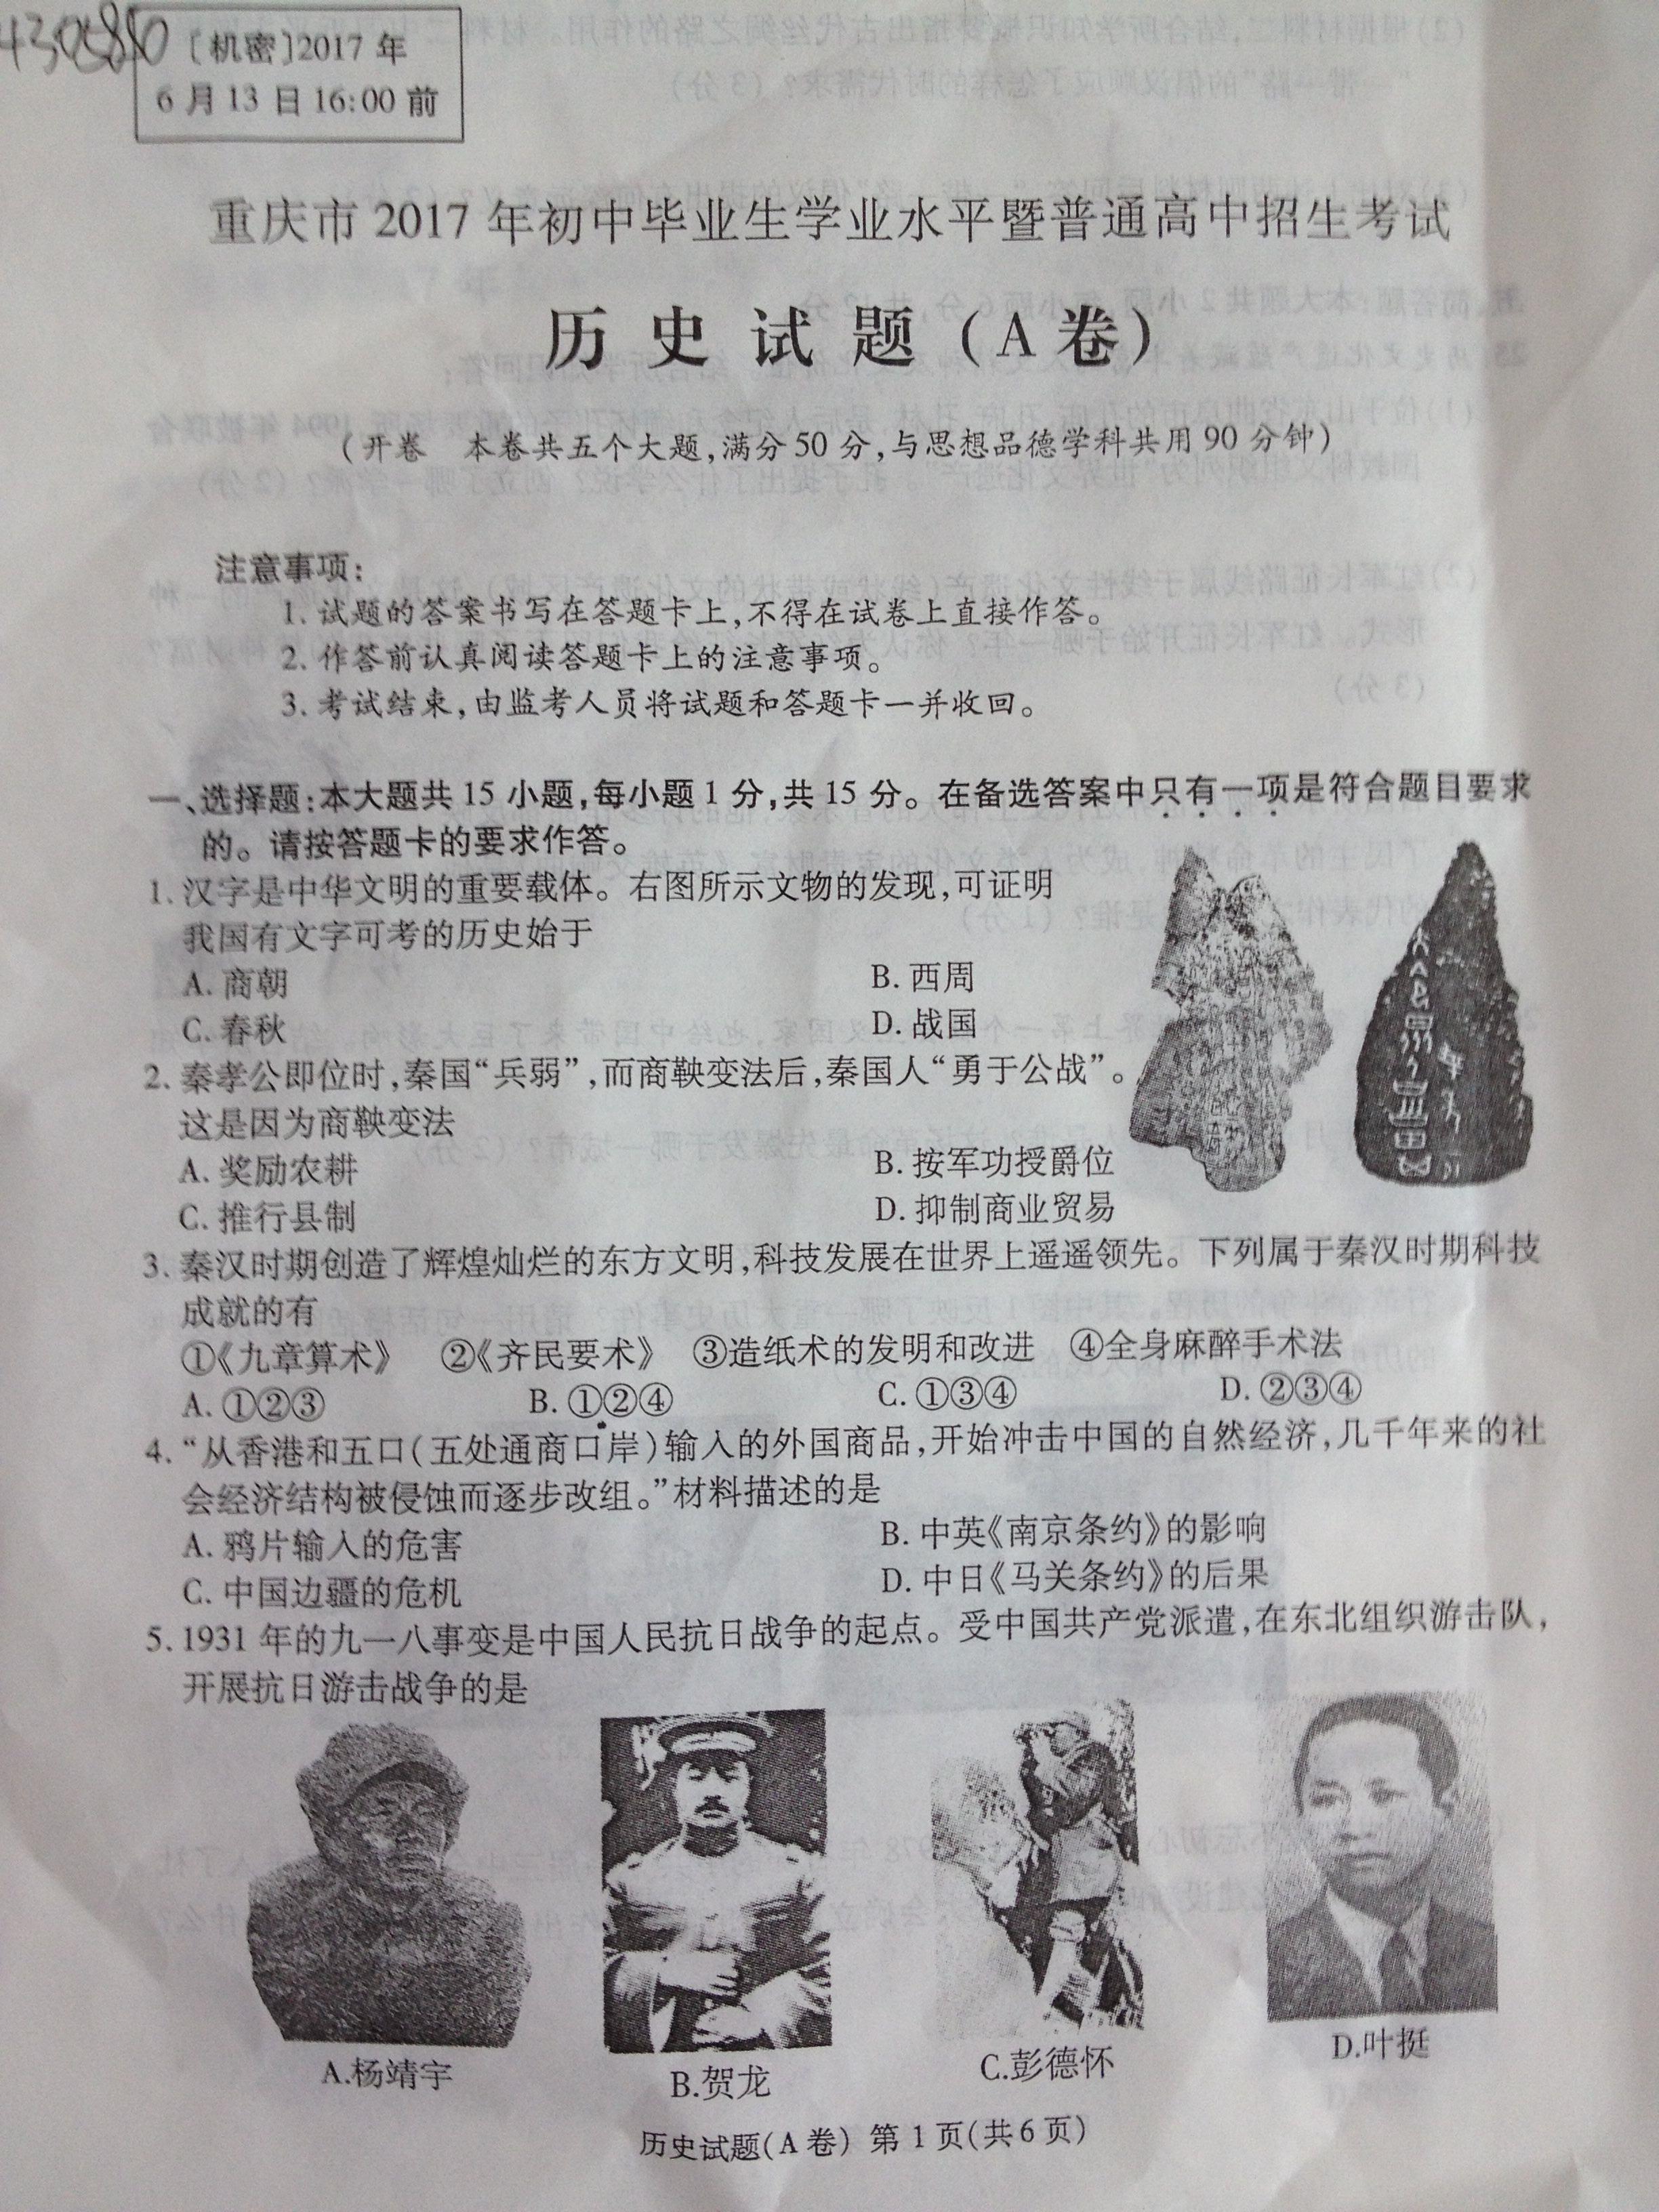 2017重庆中考历史A卷试题及答案解析(图片版含答案)